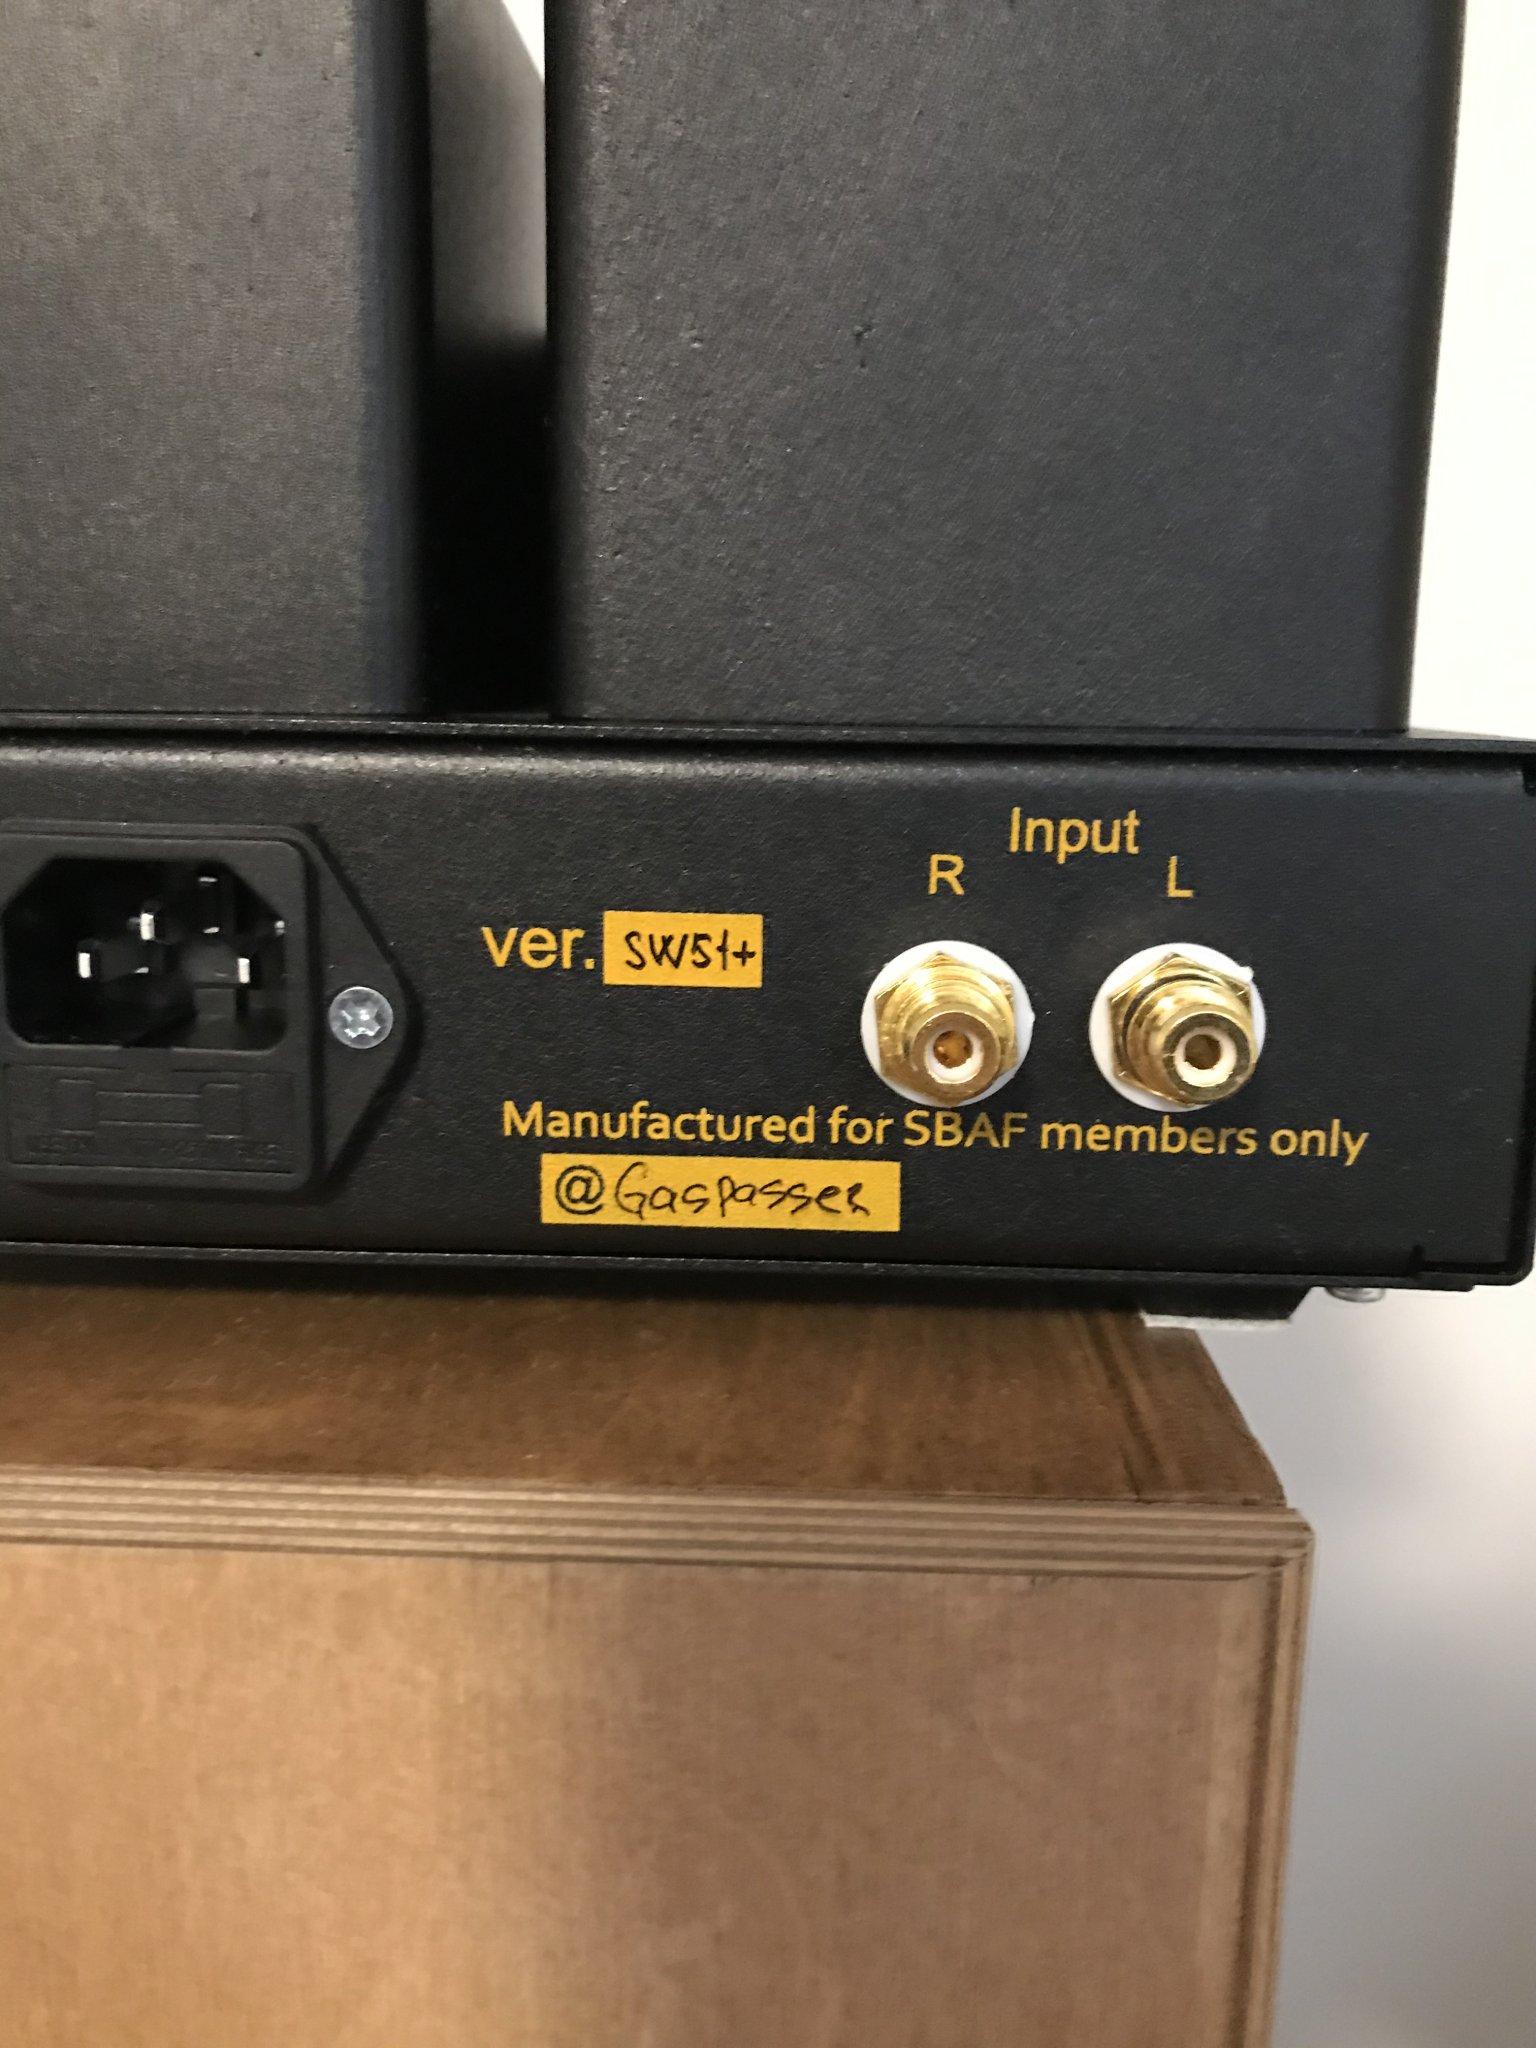 137A3ADF-EB29-4BFB-A065-56D16800490C.jpeg